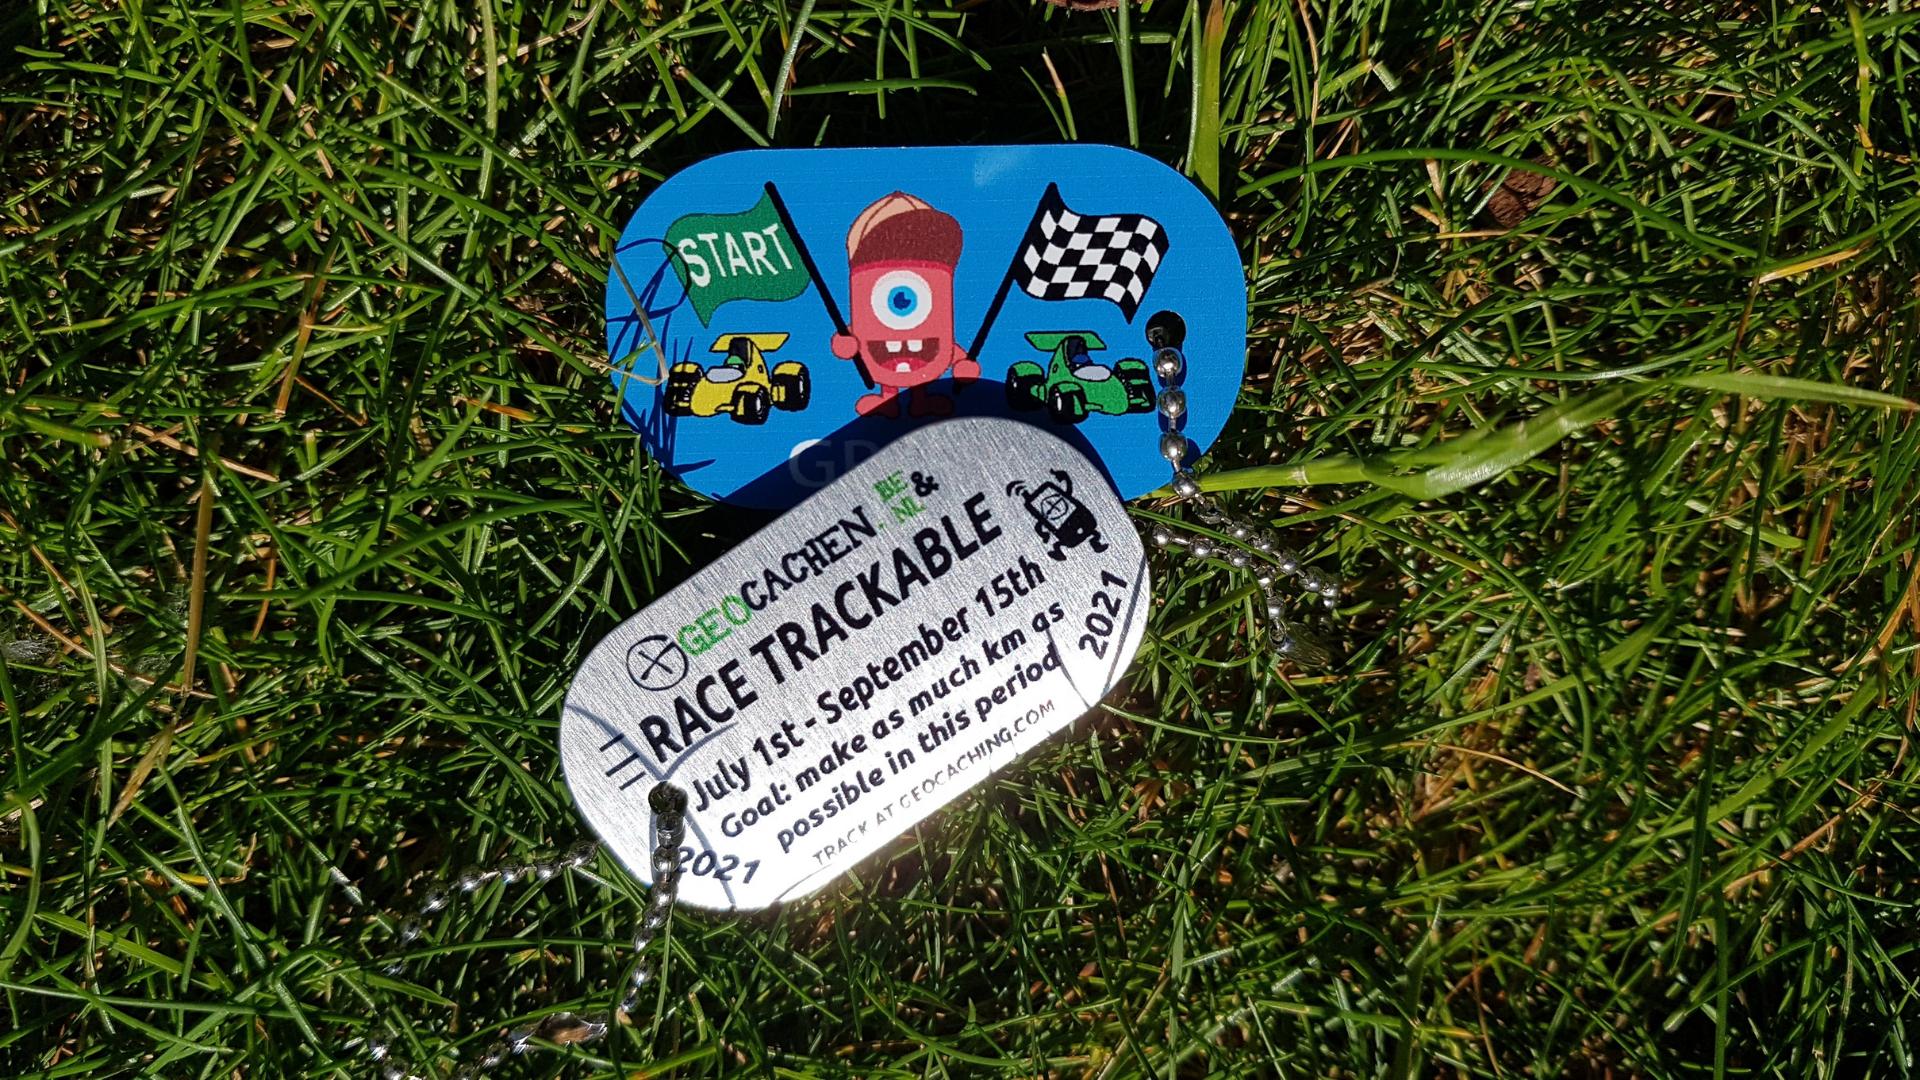 TBrace Geocachen trackables